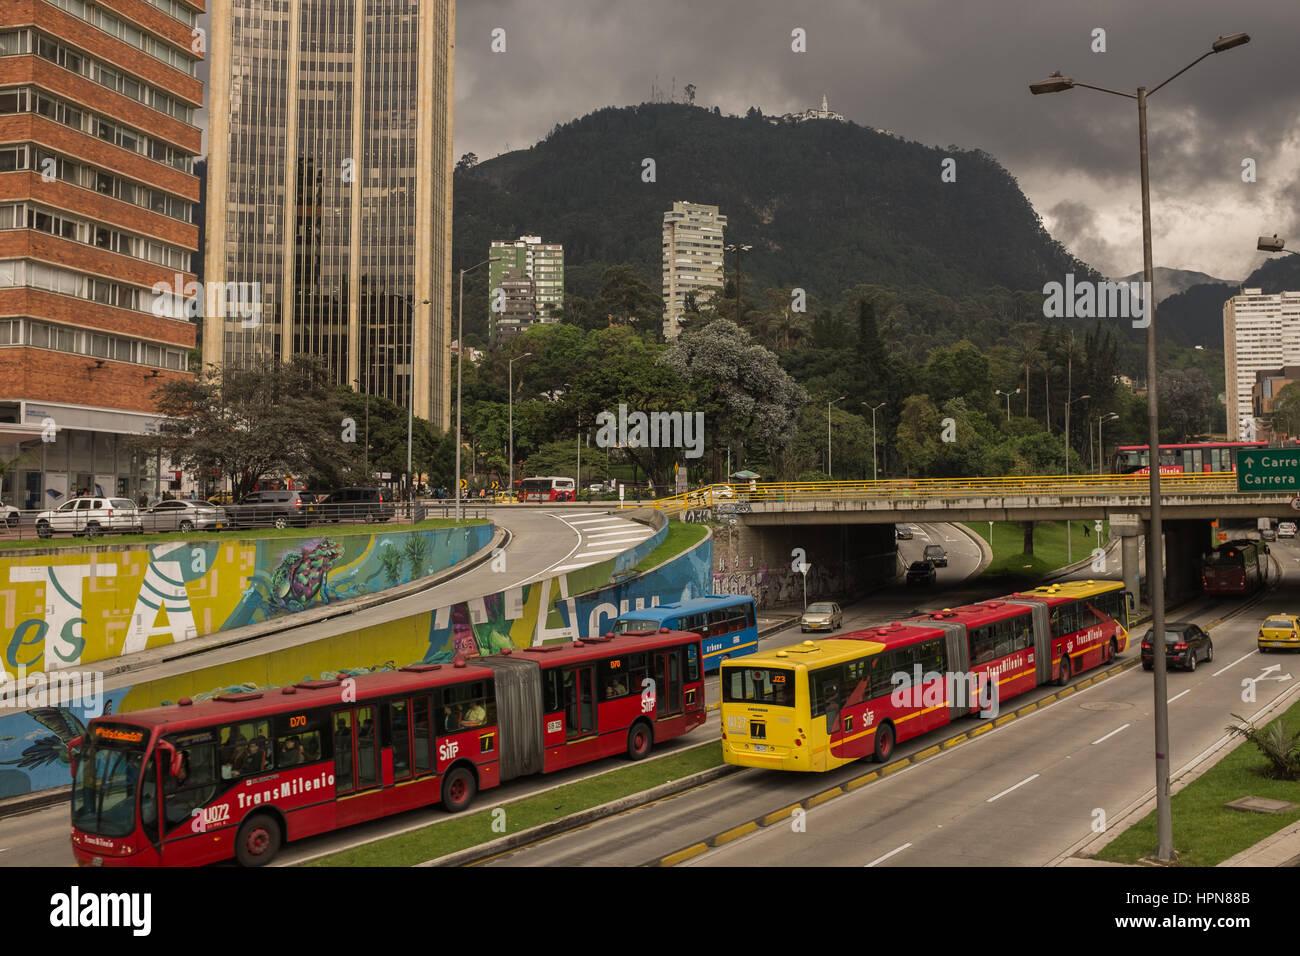 Bogota Colombia Del 19 De Enero De 2017 Calle 26 Transmilenio Bus Rapid Transit Brt Sistema Que Sirve Bogota Y El Cerro De Monserrate Fotografia De Stock Alamy